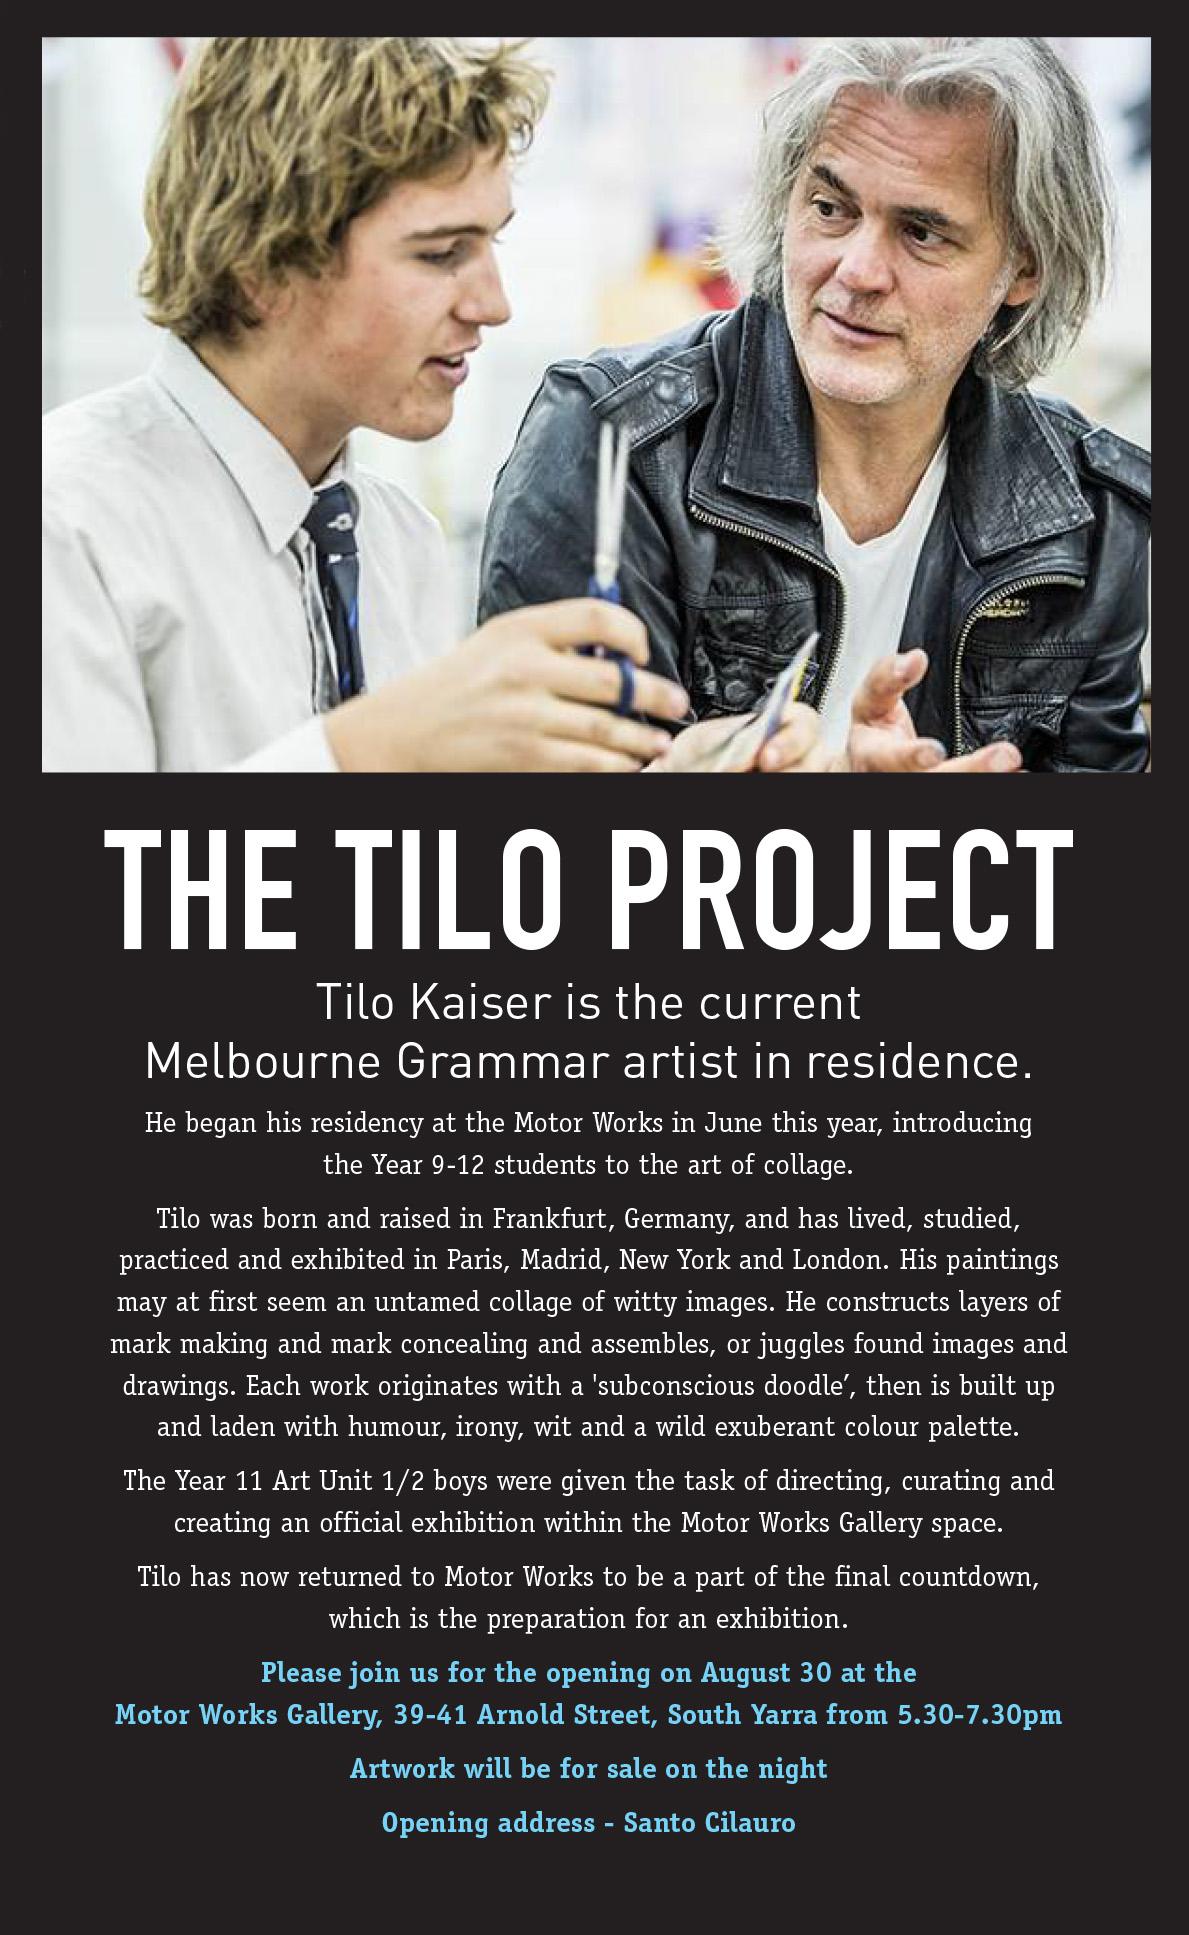 17242_Gearbox.Tilo project-1.jpg